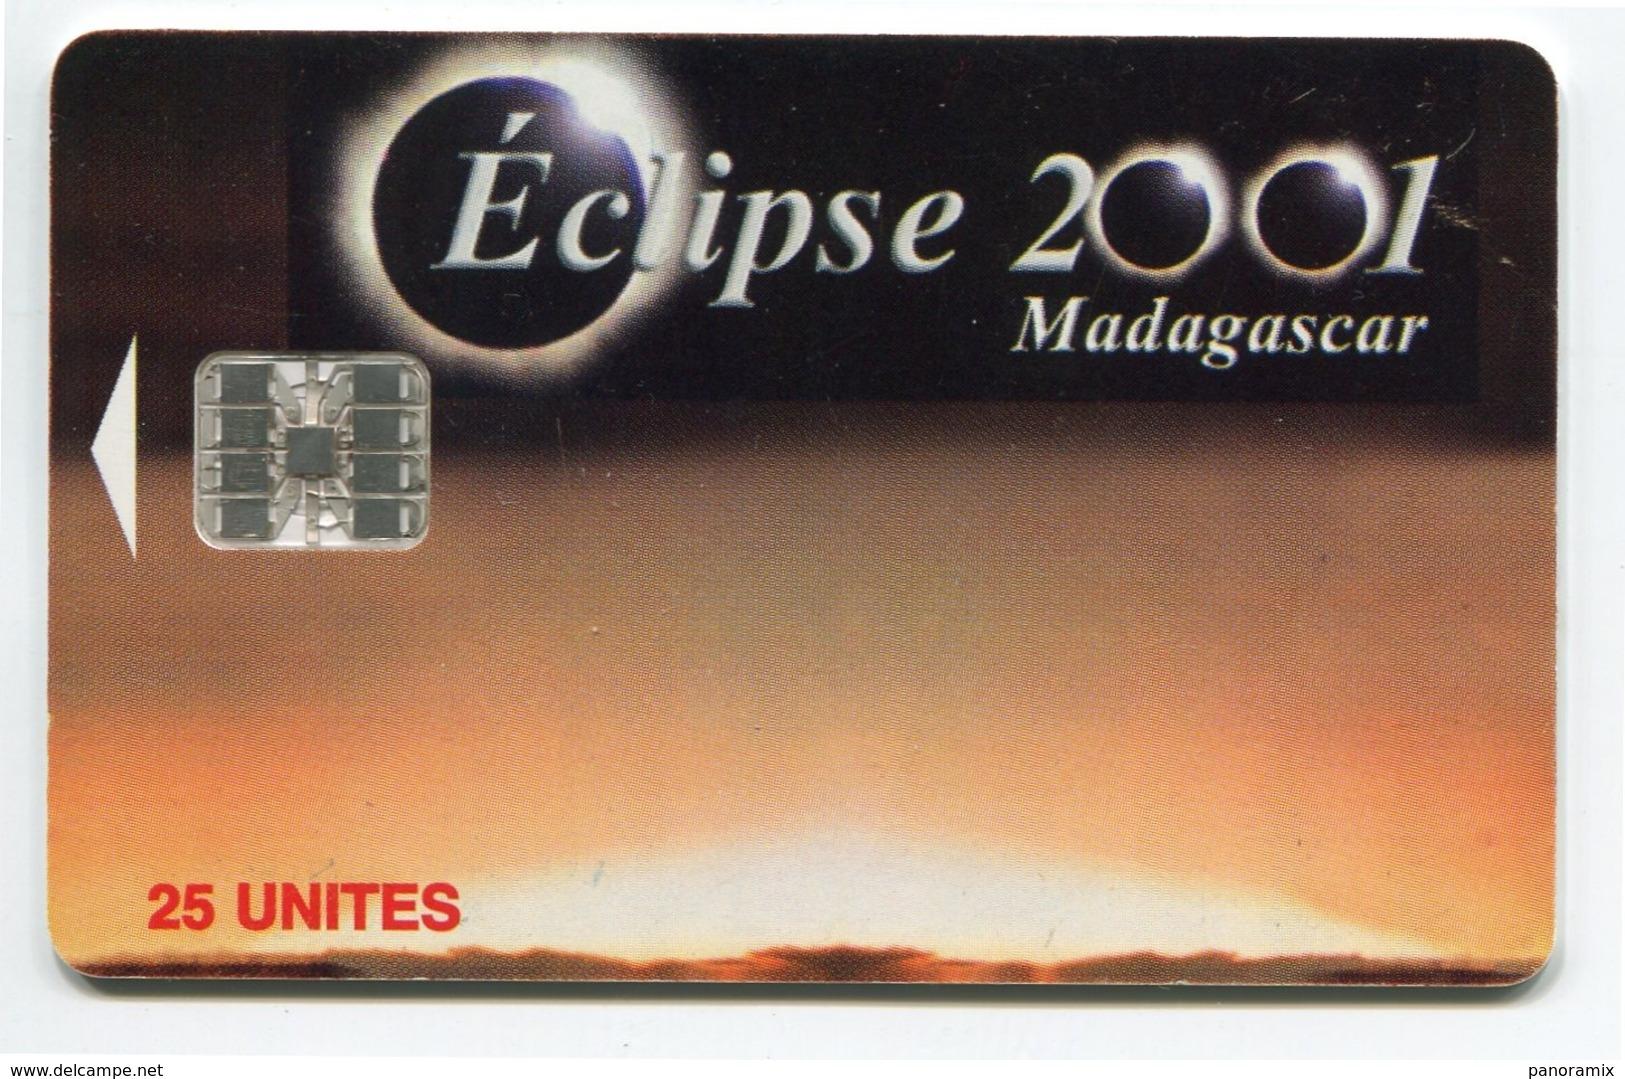 Telecarte °_ Madagascar-25 Unites-Eclipse 2001-Sc7- R/V 0664 - Madagaskar